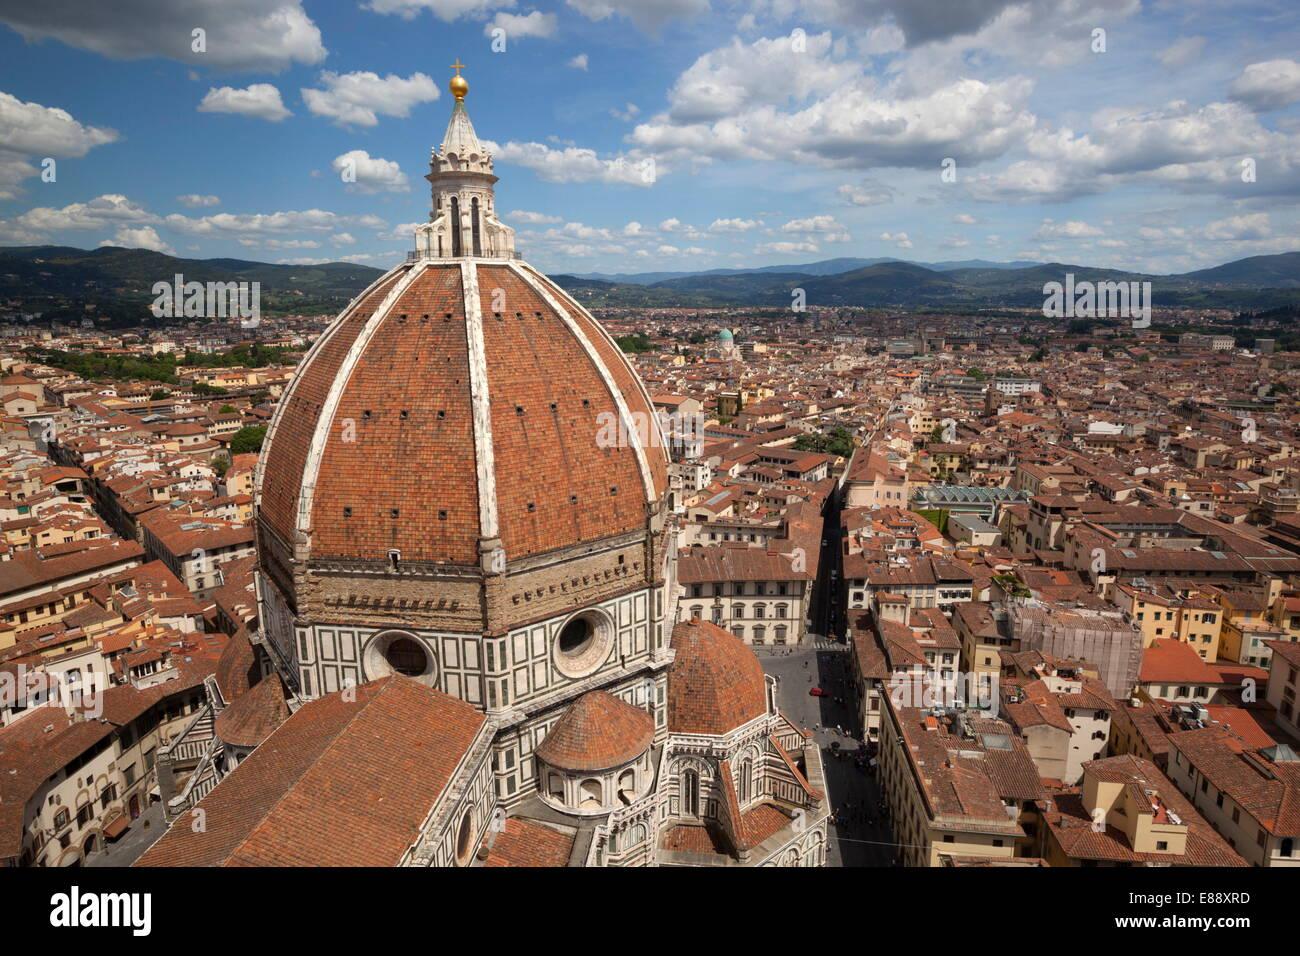 Vistas al Duomo y a la ciudad desde el Campanile, Florencia, Sitio del Patrimonio Mundial de la UNESCO, en la Toscana, Imagen De Stock